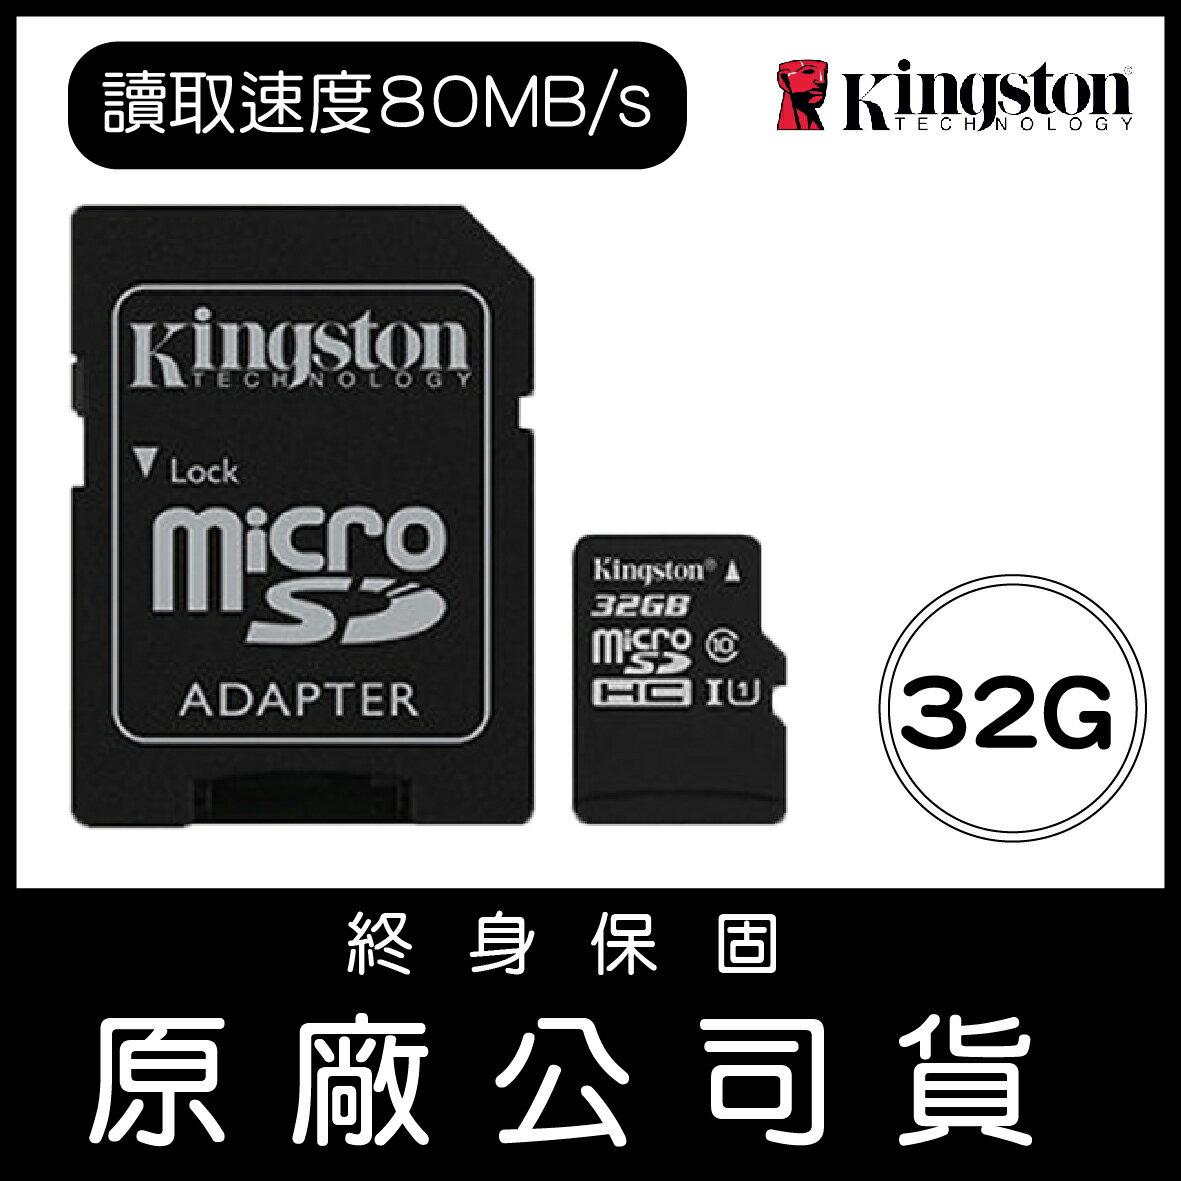 金士頓 Kingston 32G MicroSD HC U1 C10 附轉卡 原廠公司貨 終身保固 記憶卡 32GB